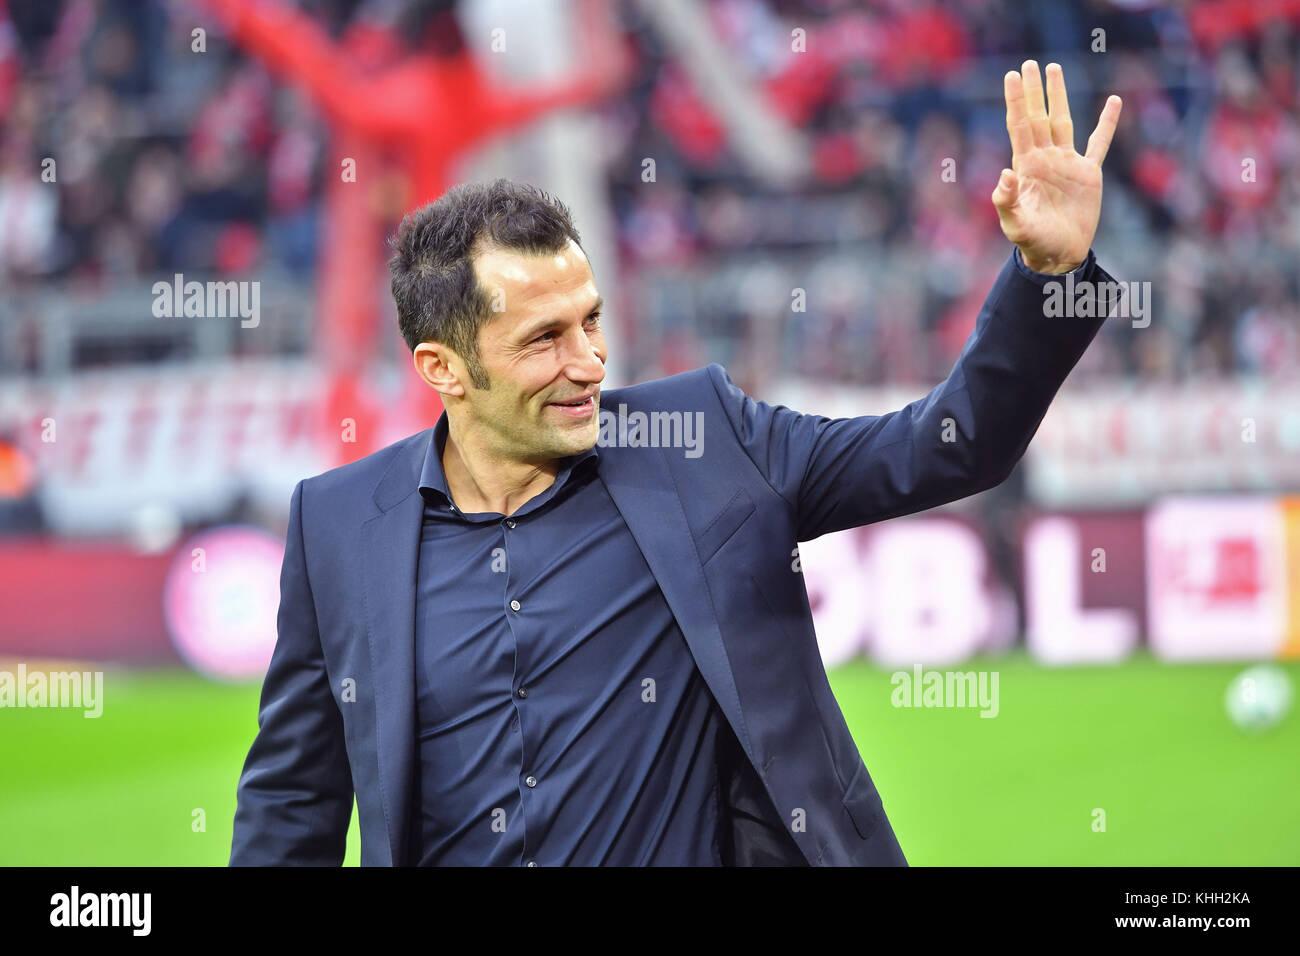 Hasan SALIHAMIDZIC (Sportdirektor FC Bayern Munich), winkt, winken, winkend, Einzelbild, angeschnittenes Einzelmotiv, - Stock Image